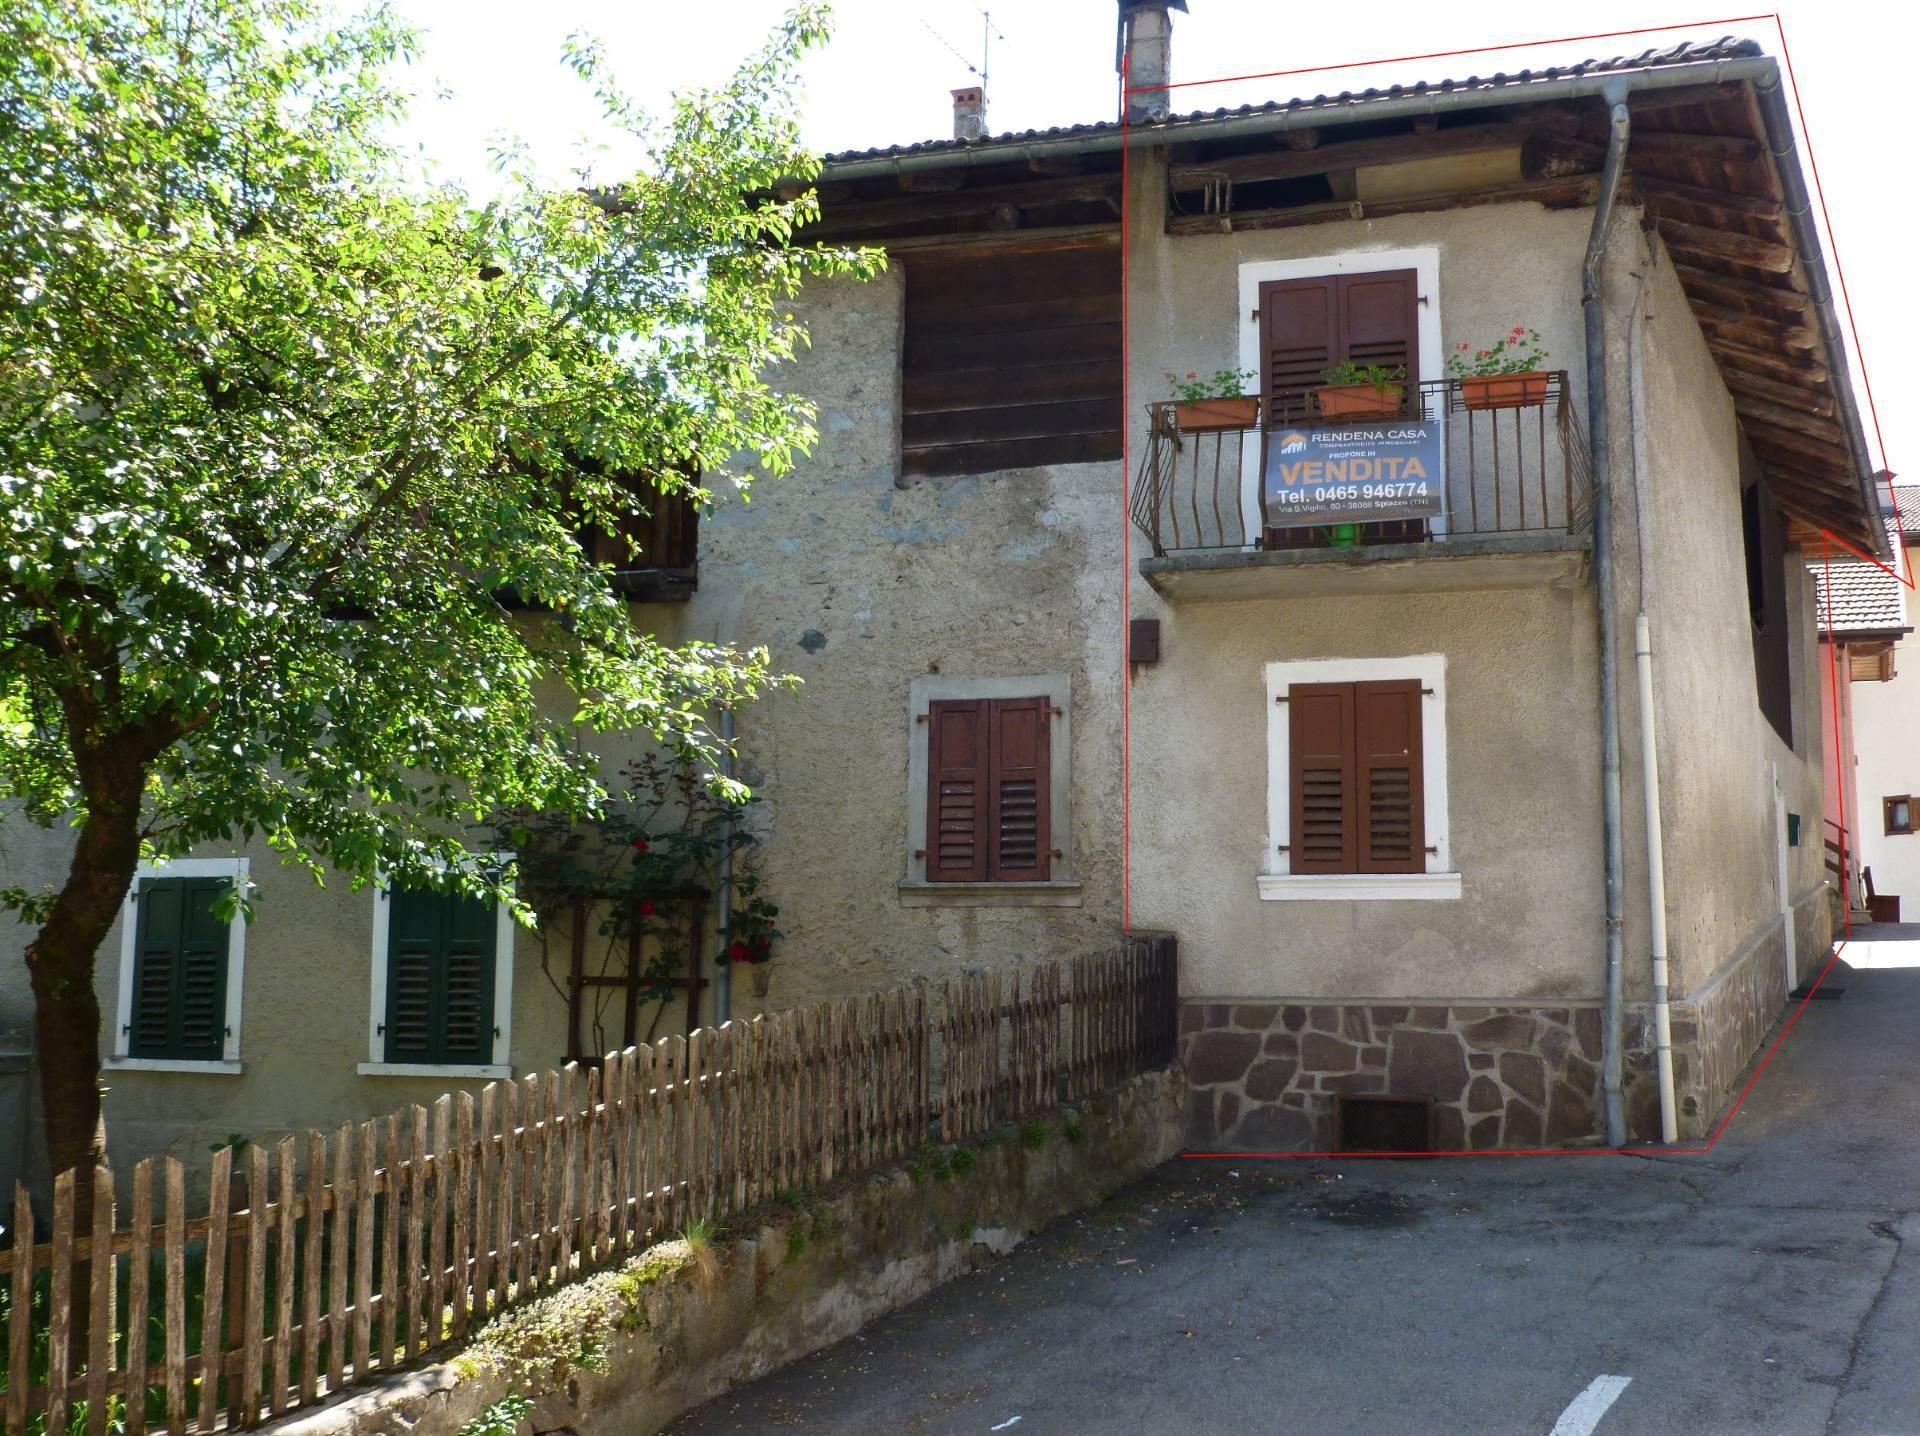 Appartamento in vendita a Spiazzo, 3 locali, zona Zona: Borzago, prezzo € 62.000 | CambioCasa.it